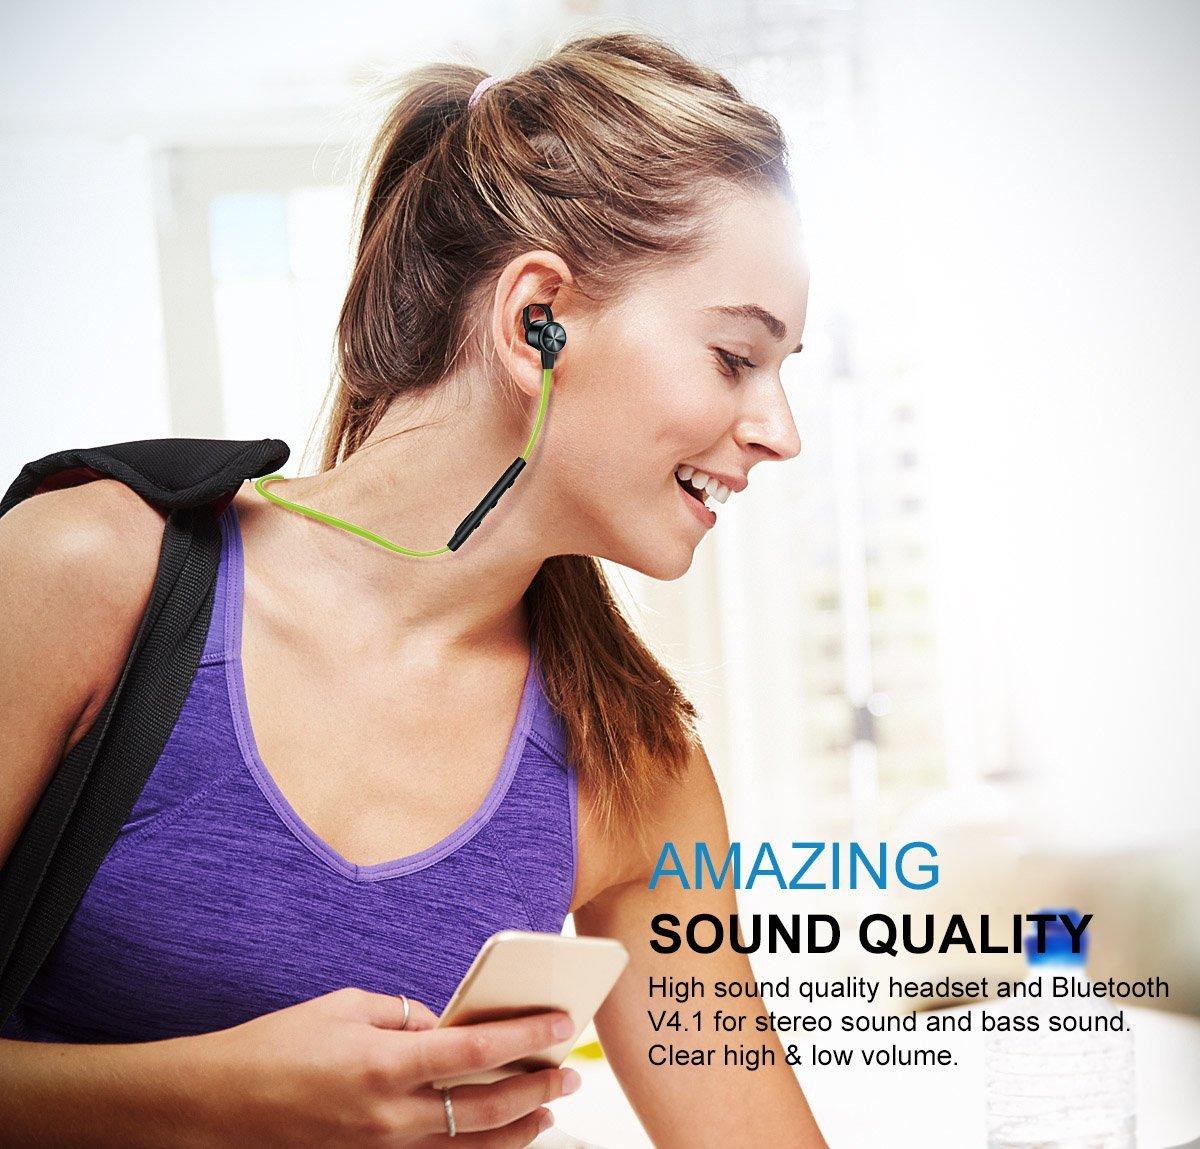 Lightweight Sweatproof Stereo Bluetooth Headphones $17.99 @Amazon